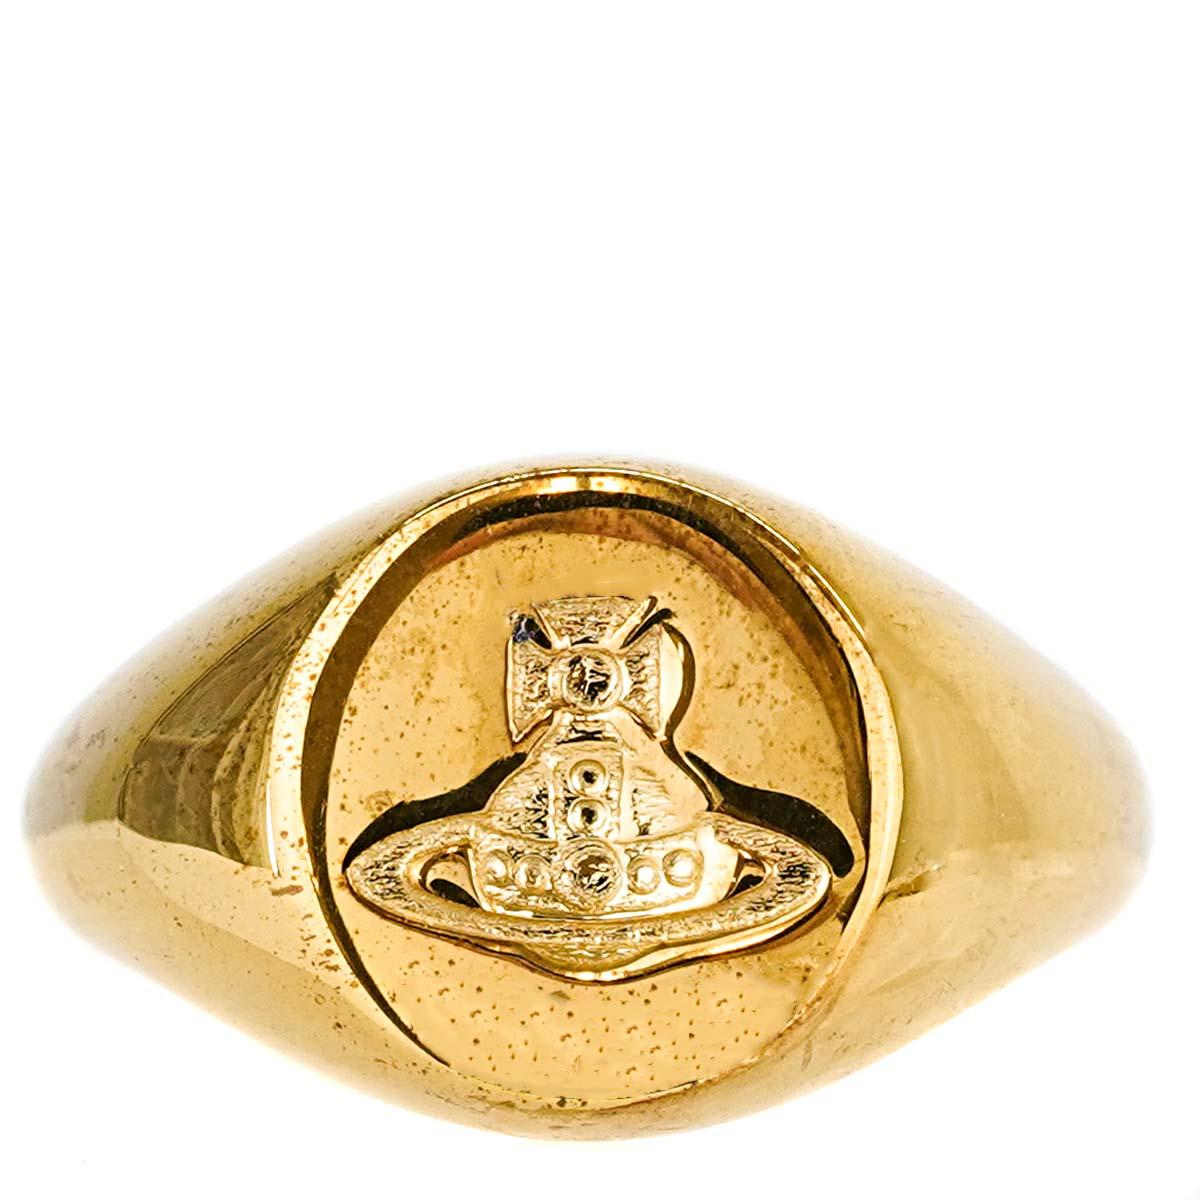 送料無料 Vivienne Westwood ハイクオリティ ヴィヴィアンウエストウッド ユニセックス リング SR1837 2 SIGILLO RING 指輪 男女兼用 男性 レディース 女性 並行輸入品 ゴールド オーブ GOLD 大決算セール メンズ